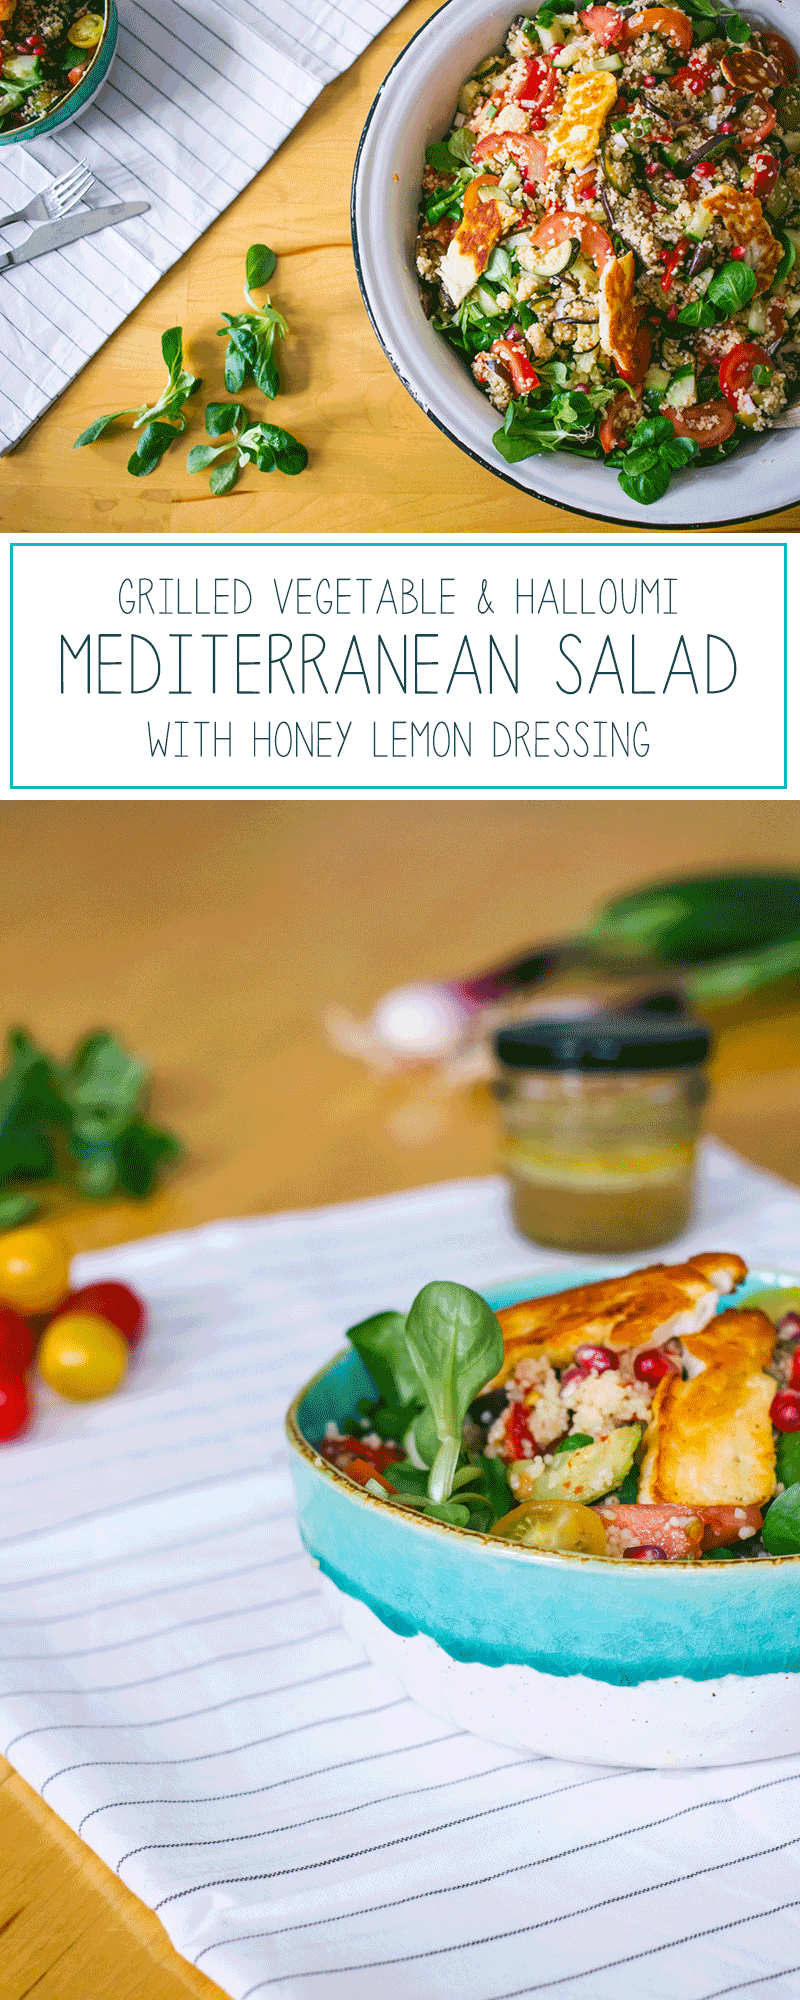 Recept bulgur salade met gegrilde groente